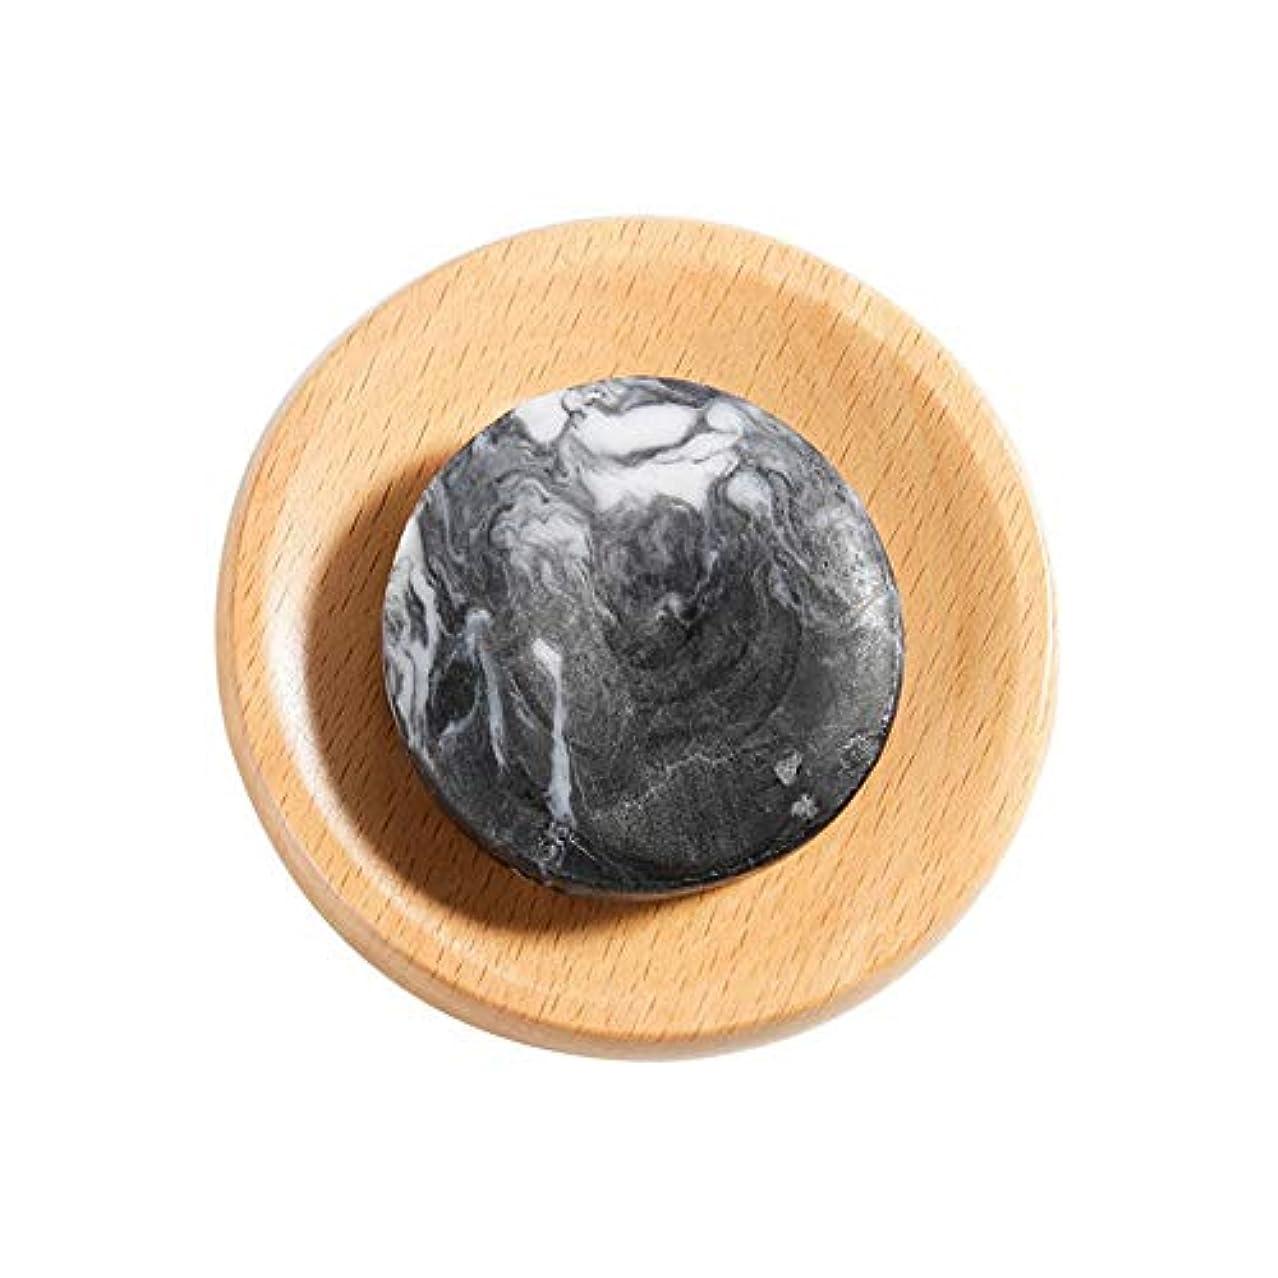 タイプ入手します存在火山泥 石鹸 美白 ボディクリア 抗菌 スキンケア 腹ステッカー5枚付き hjuns-Wu